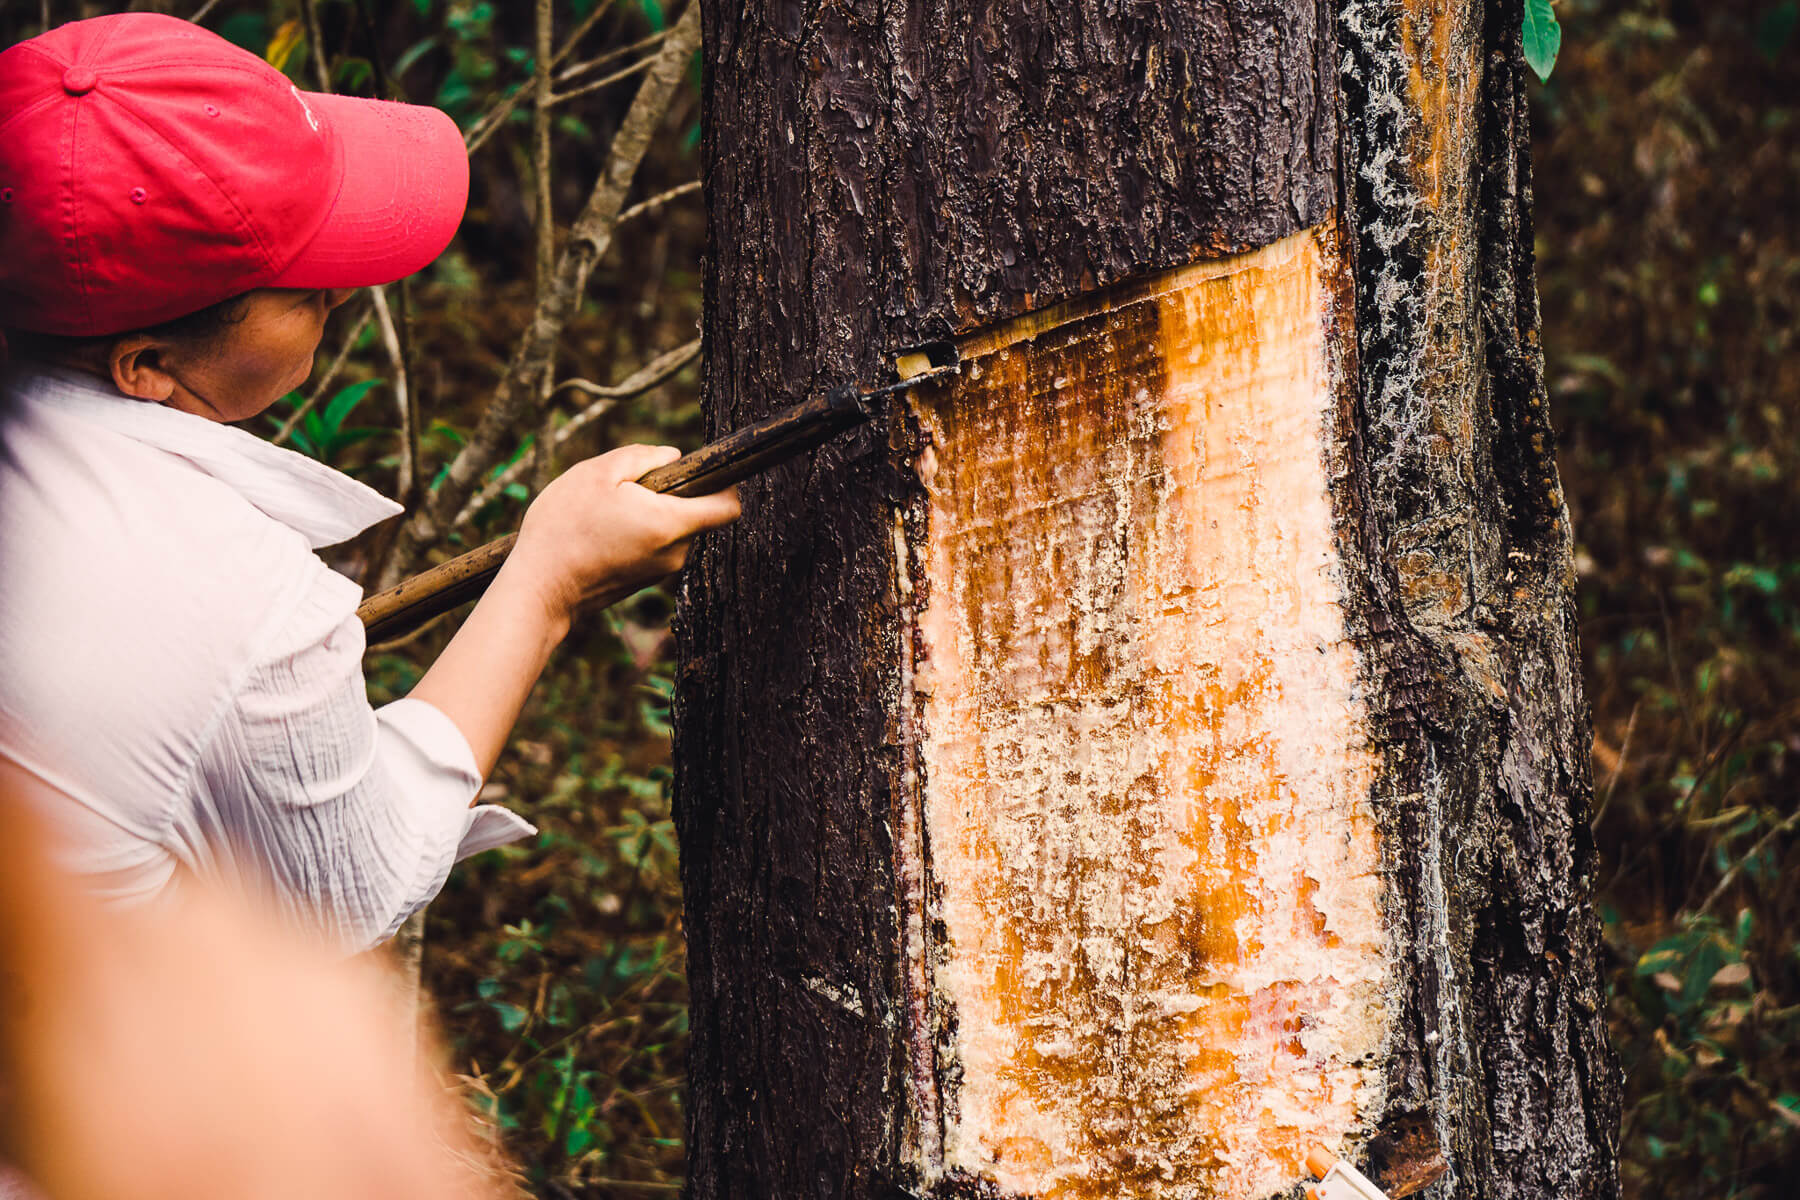 Honduras pine resin tapping